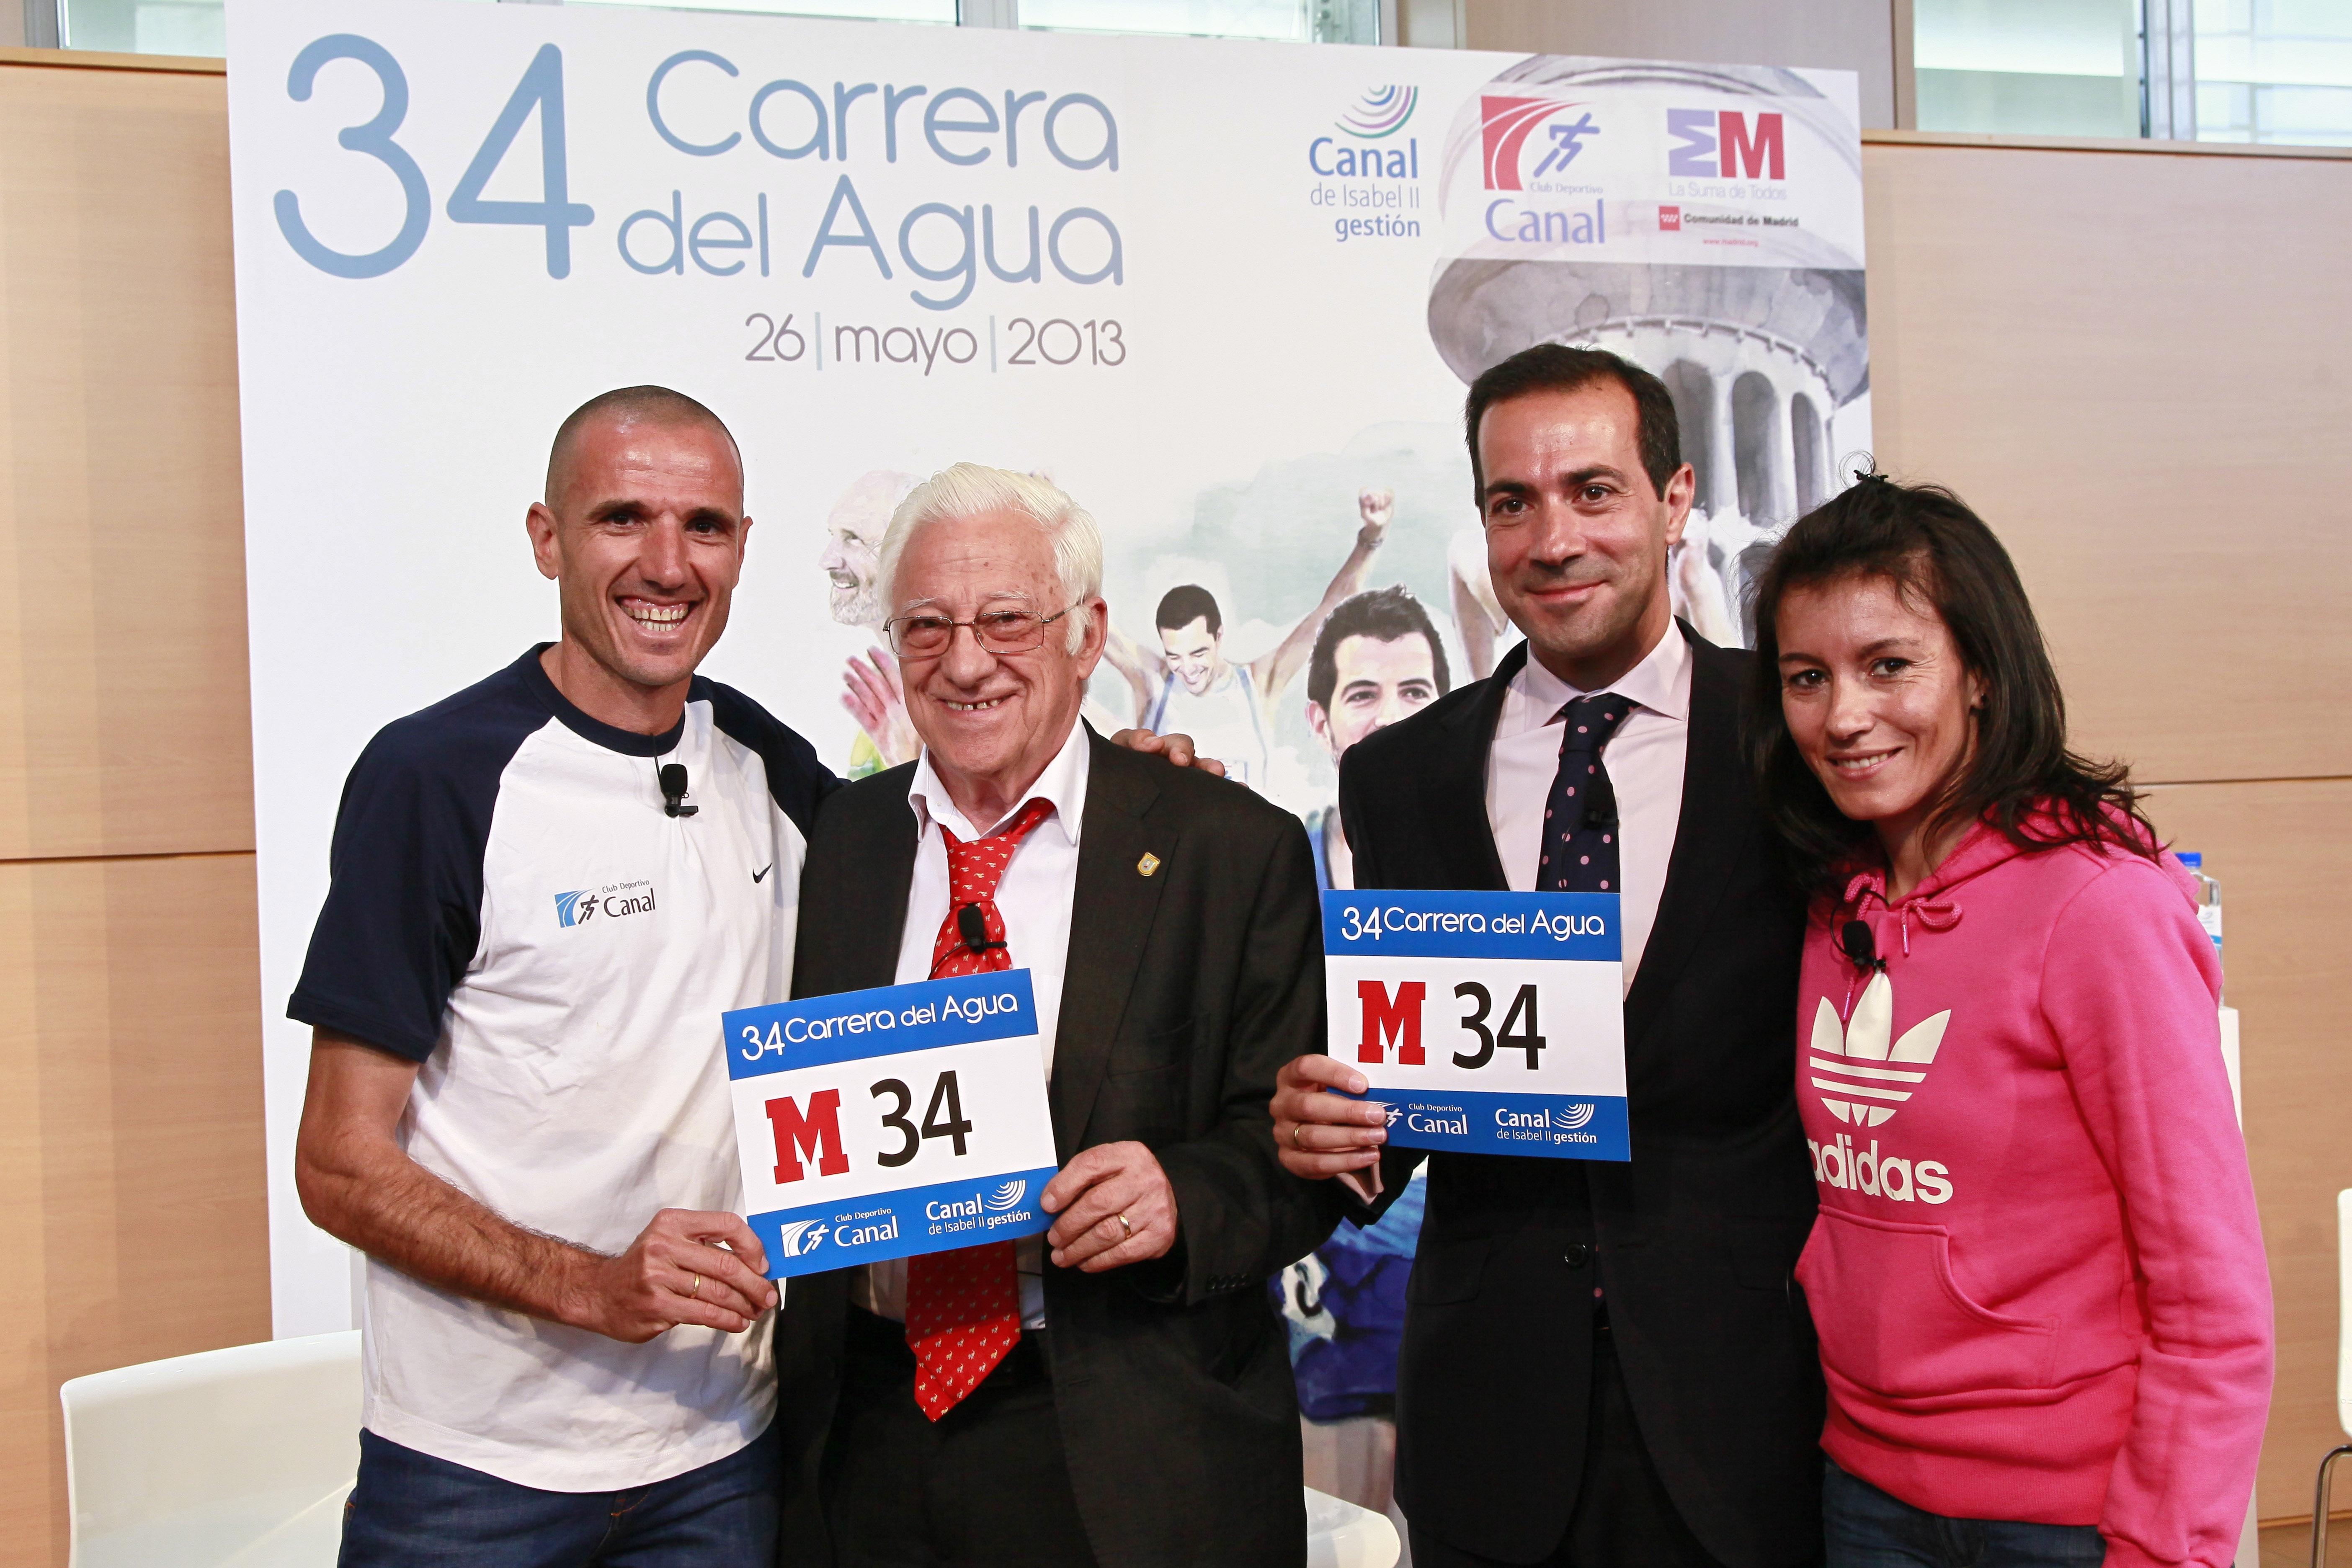 Cerca de 4.000 corredores participarán este domingo en la 34 edición de la Carrera del Agua